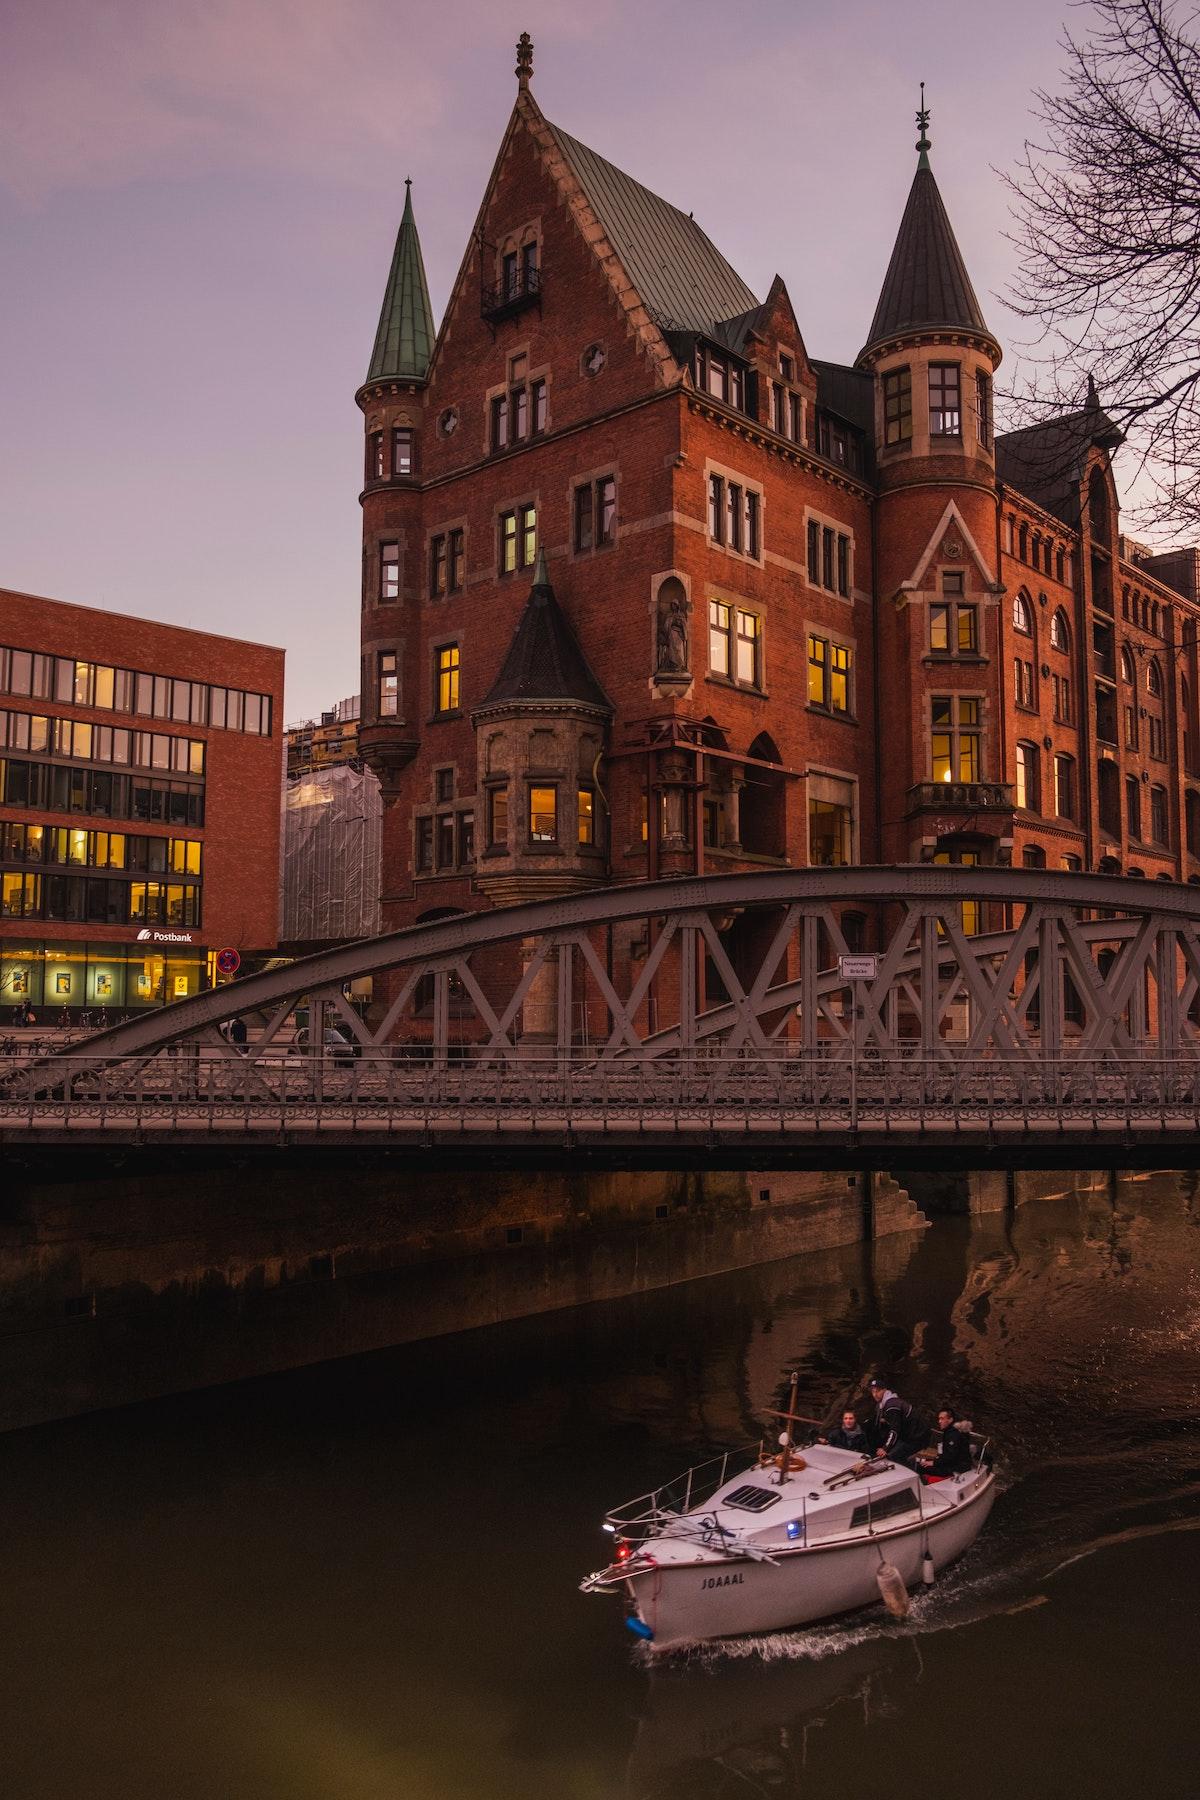 pont fer bâtiment rouge brique style industriel